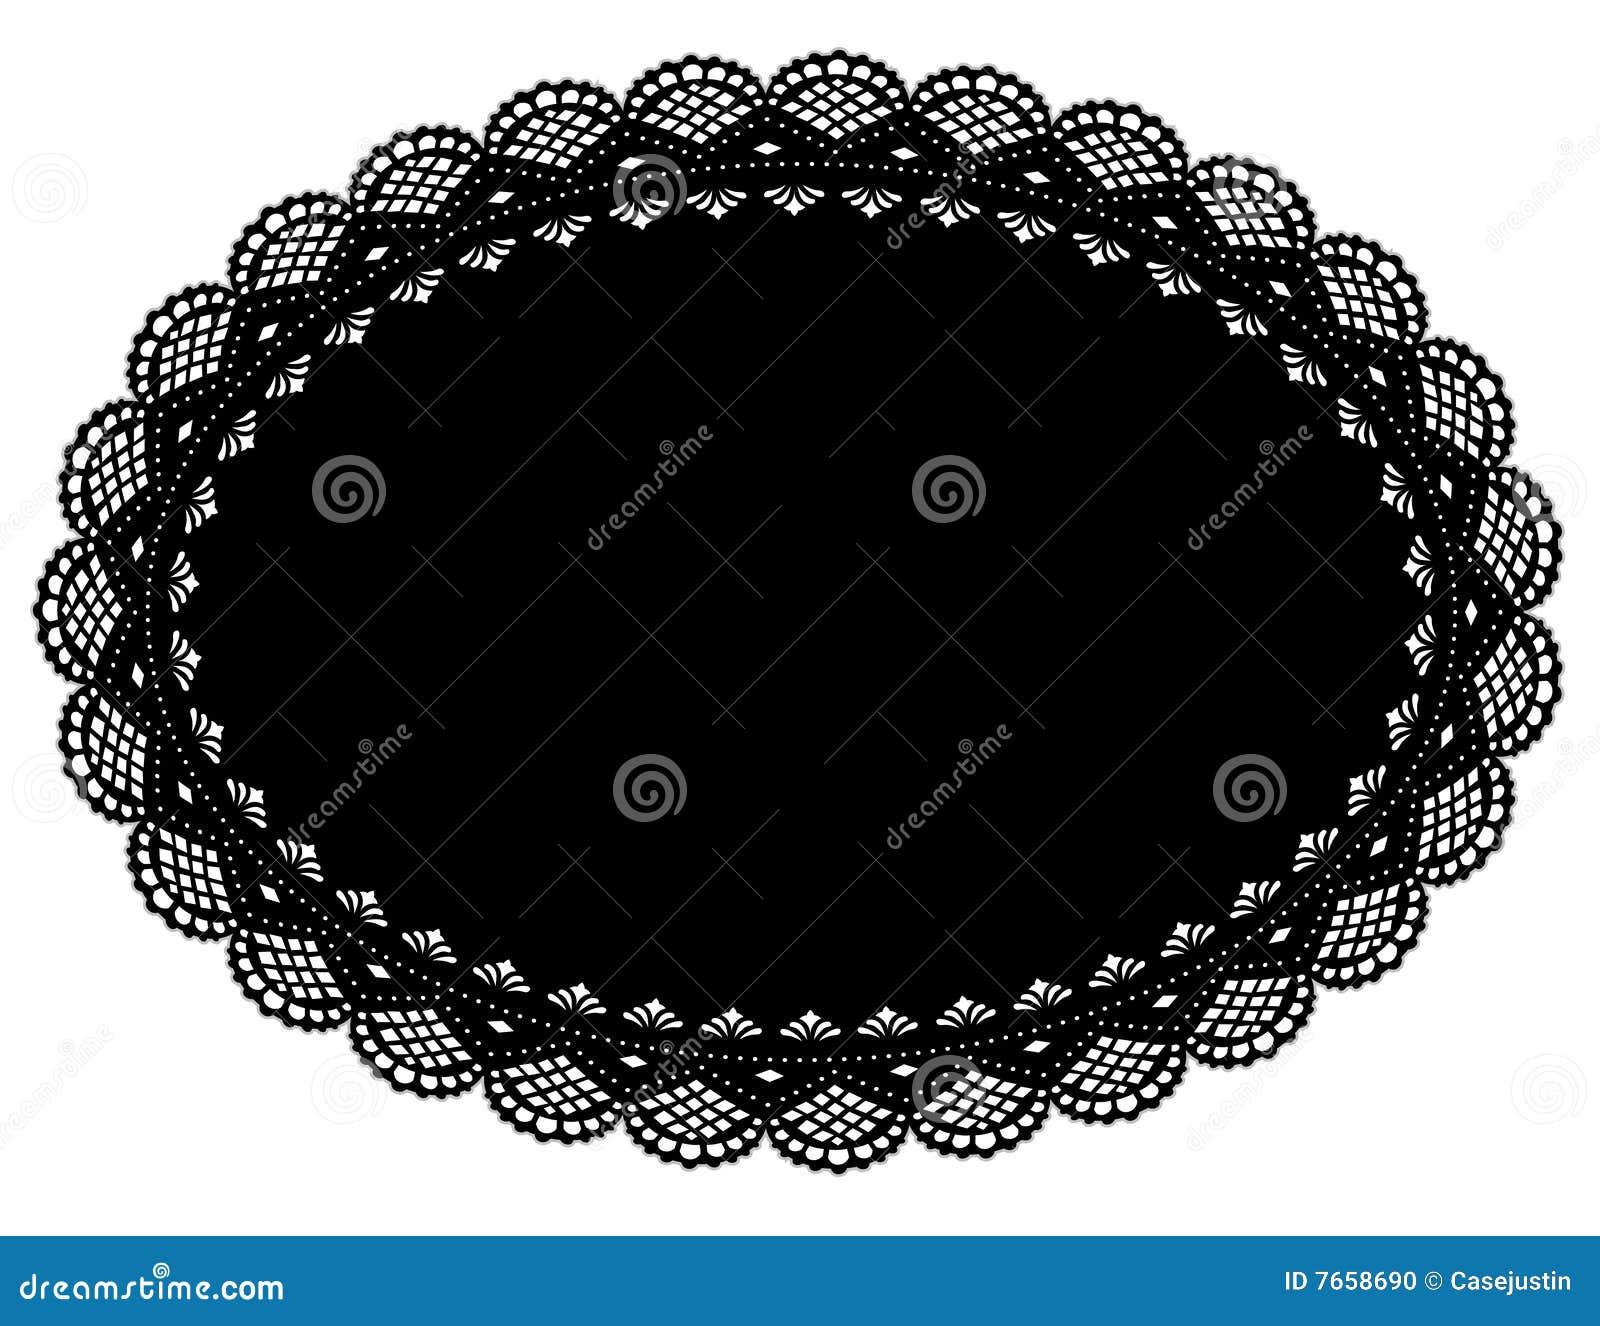 Black Lace Doily Place Mat